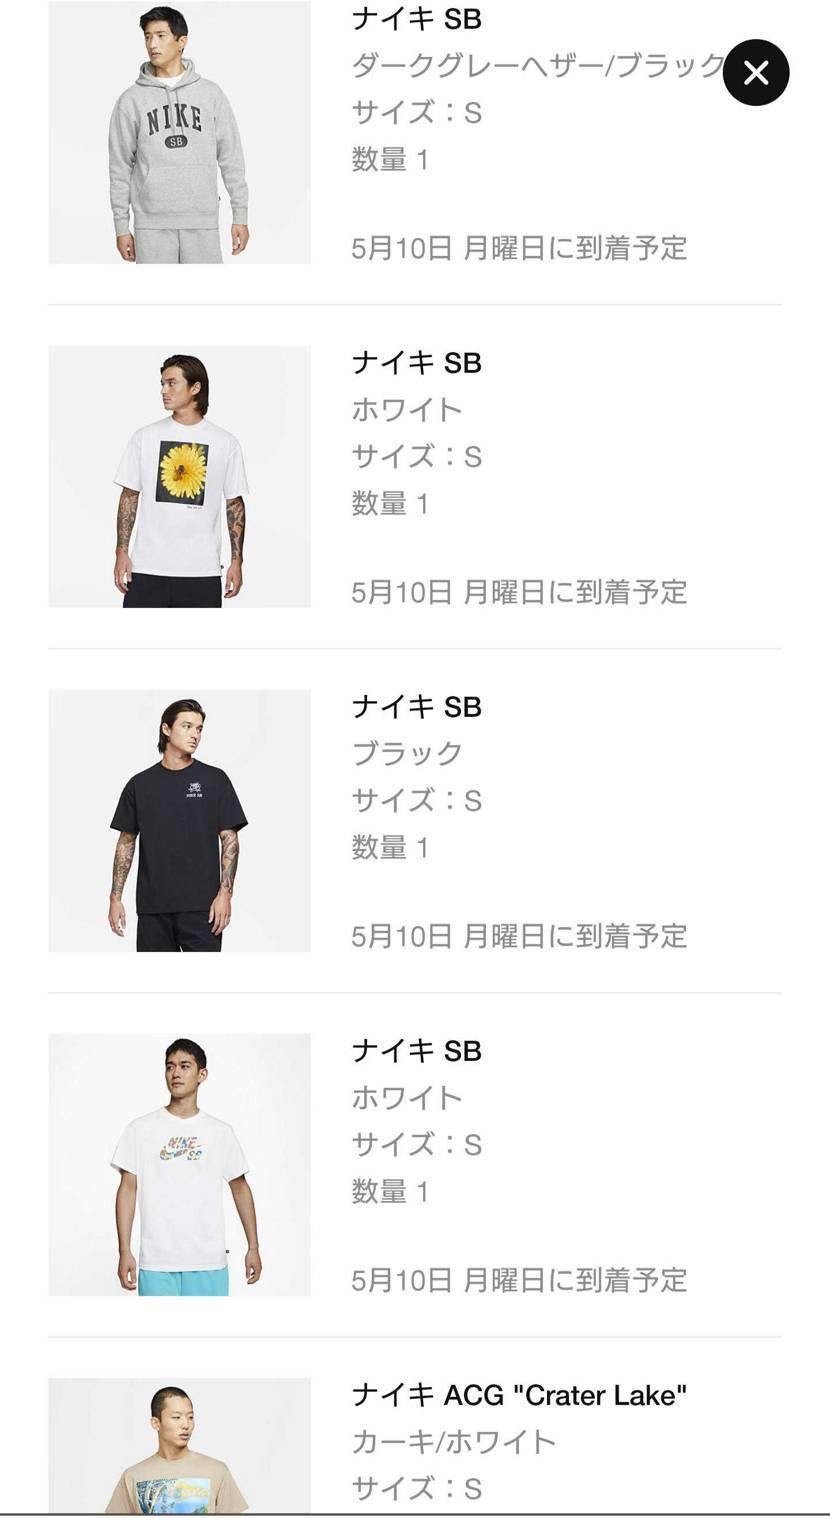 欲しかったSBのTシャツやらパーカーまとめ買い🛹 こんだけ買ってるんやから来週の